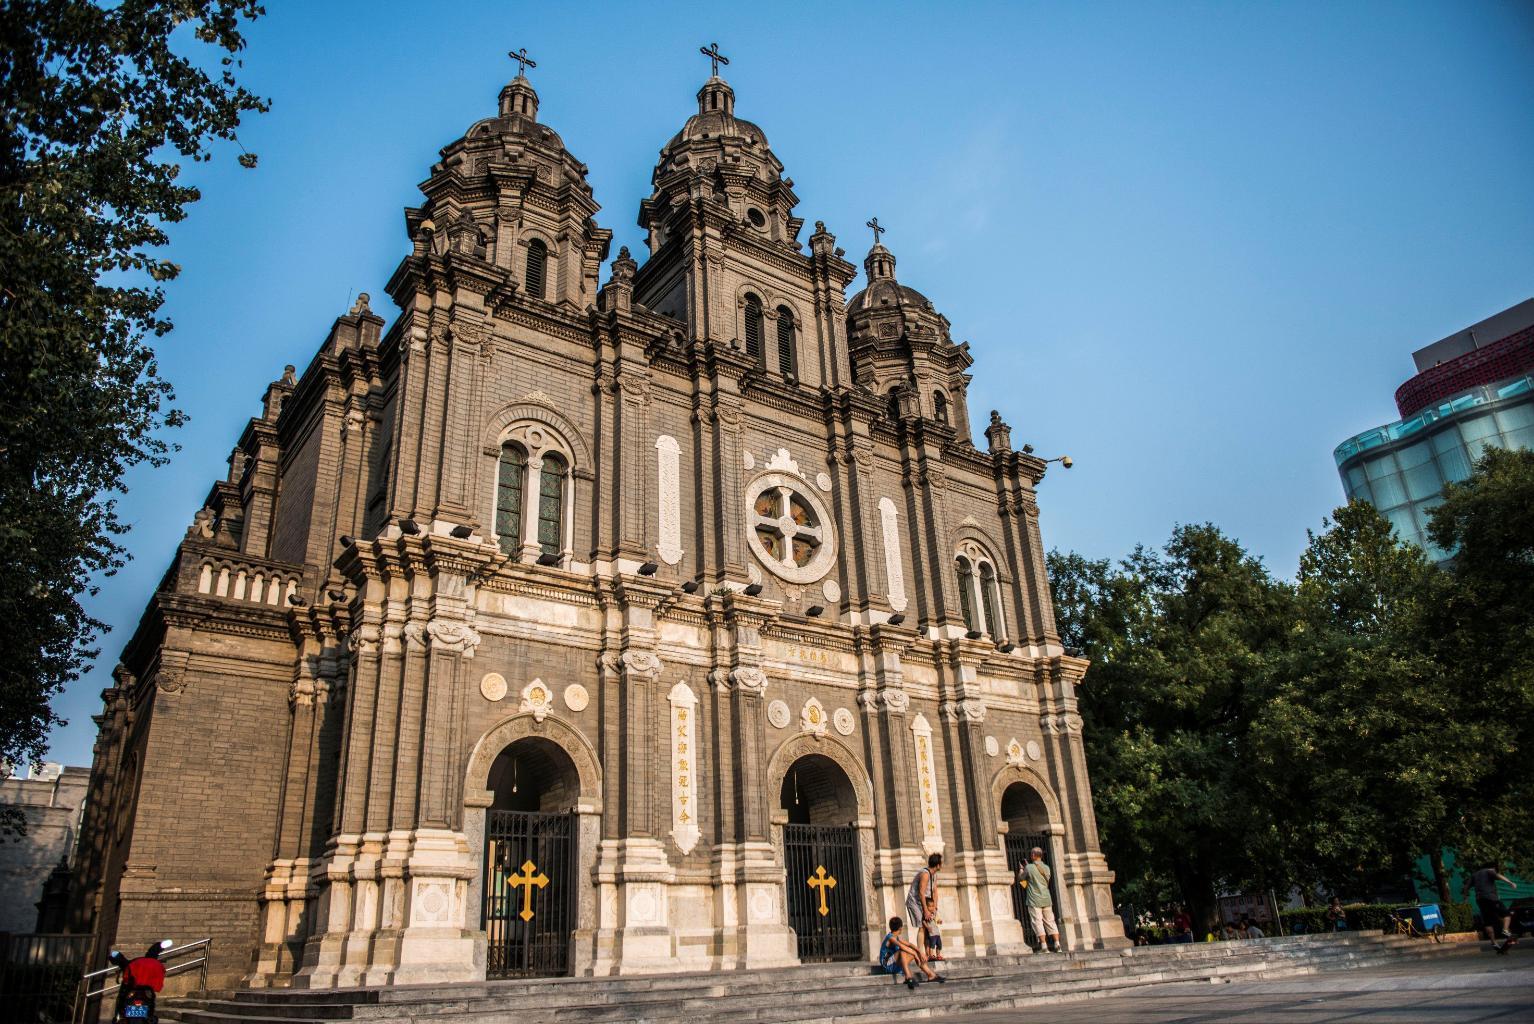 王府井天主教堂